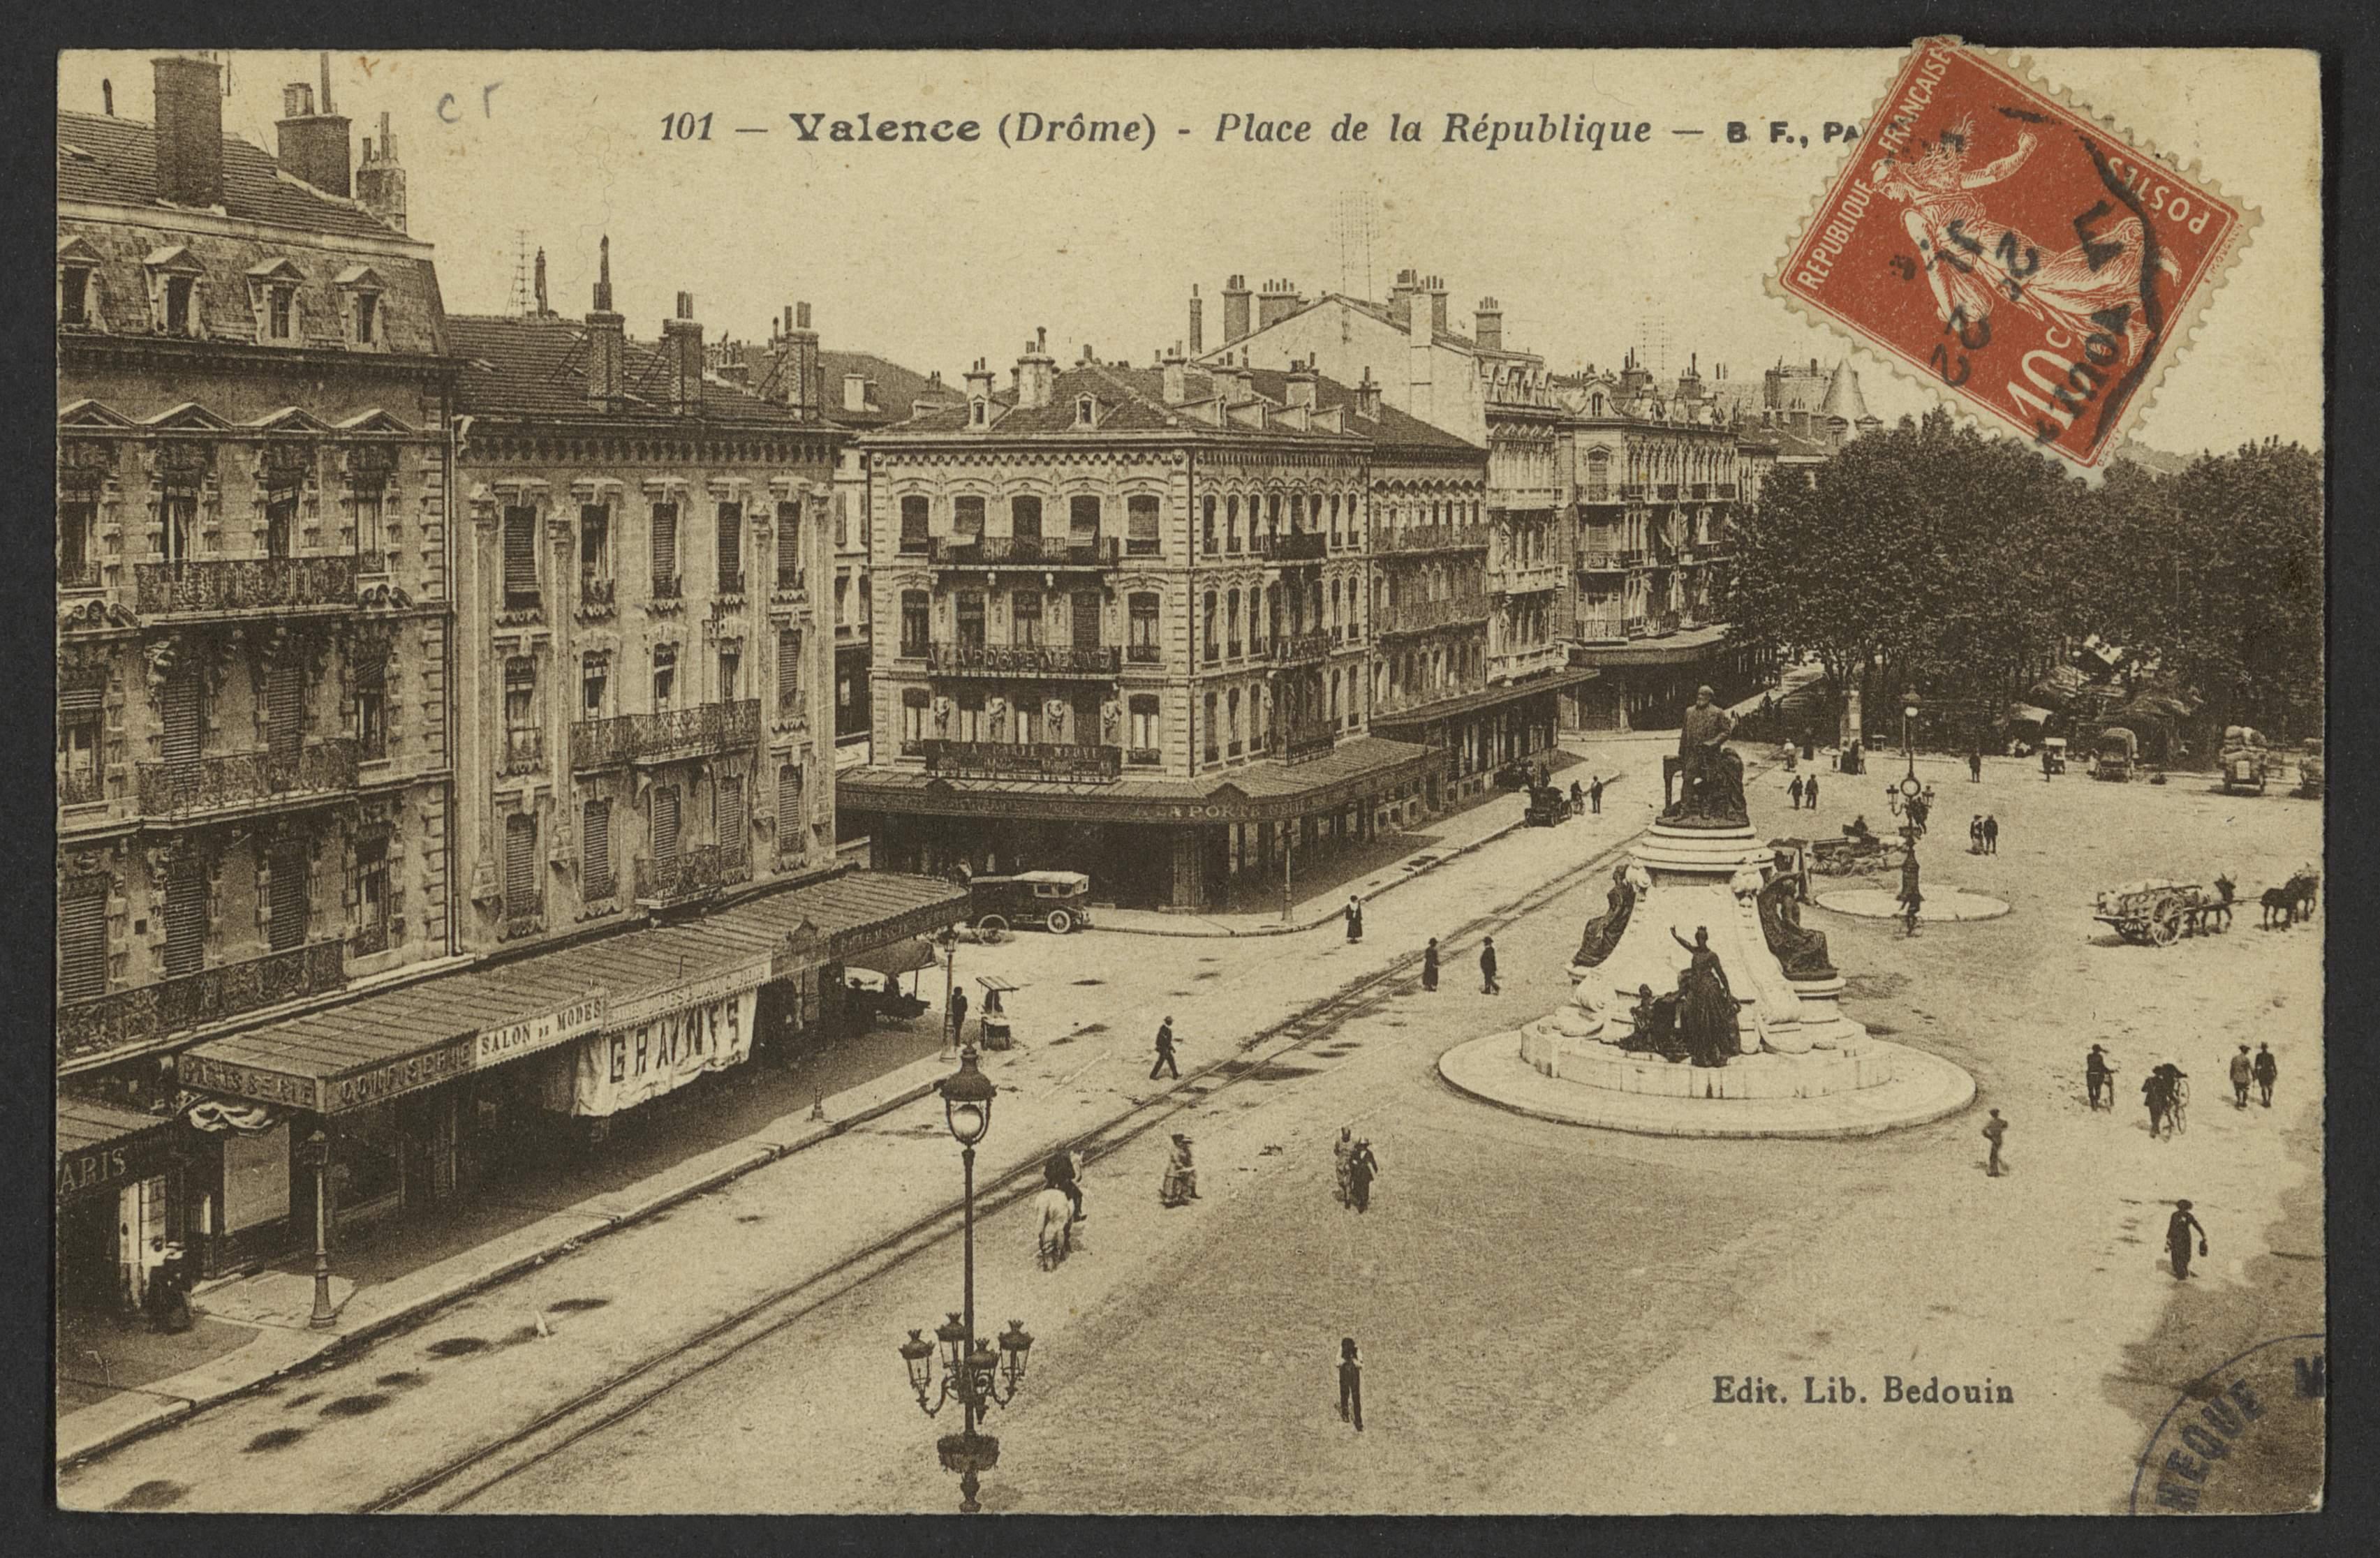 Valence (Drôme) - Place de la République